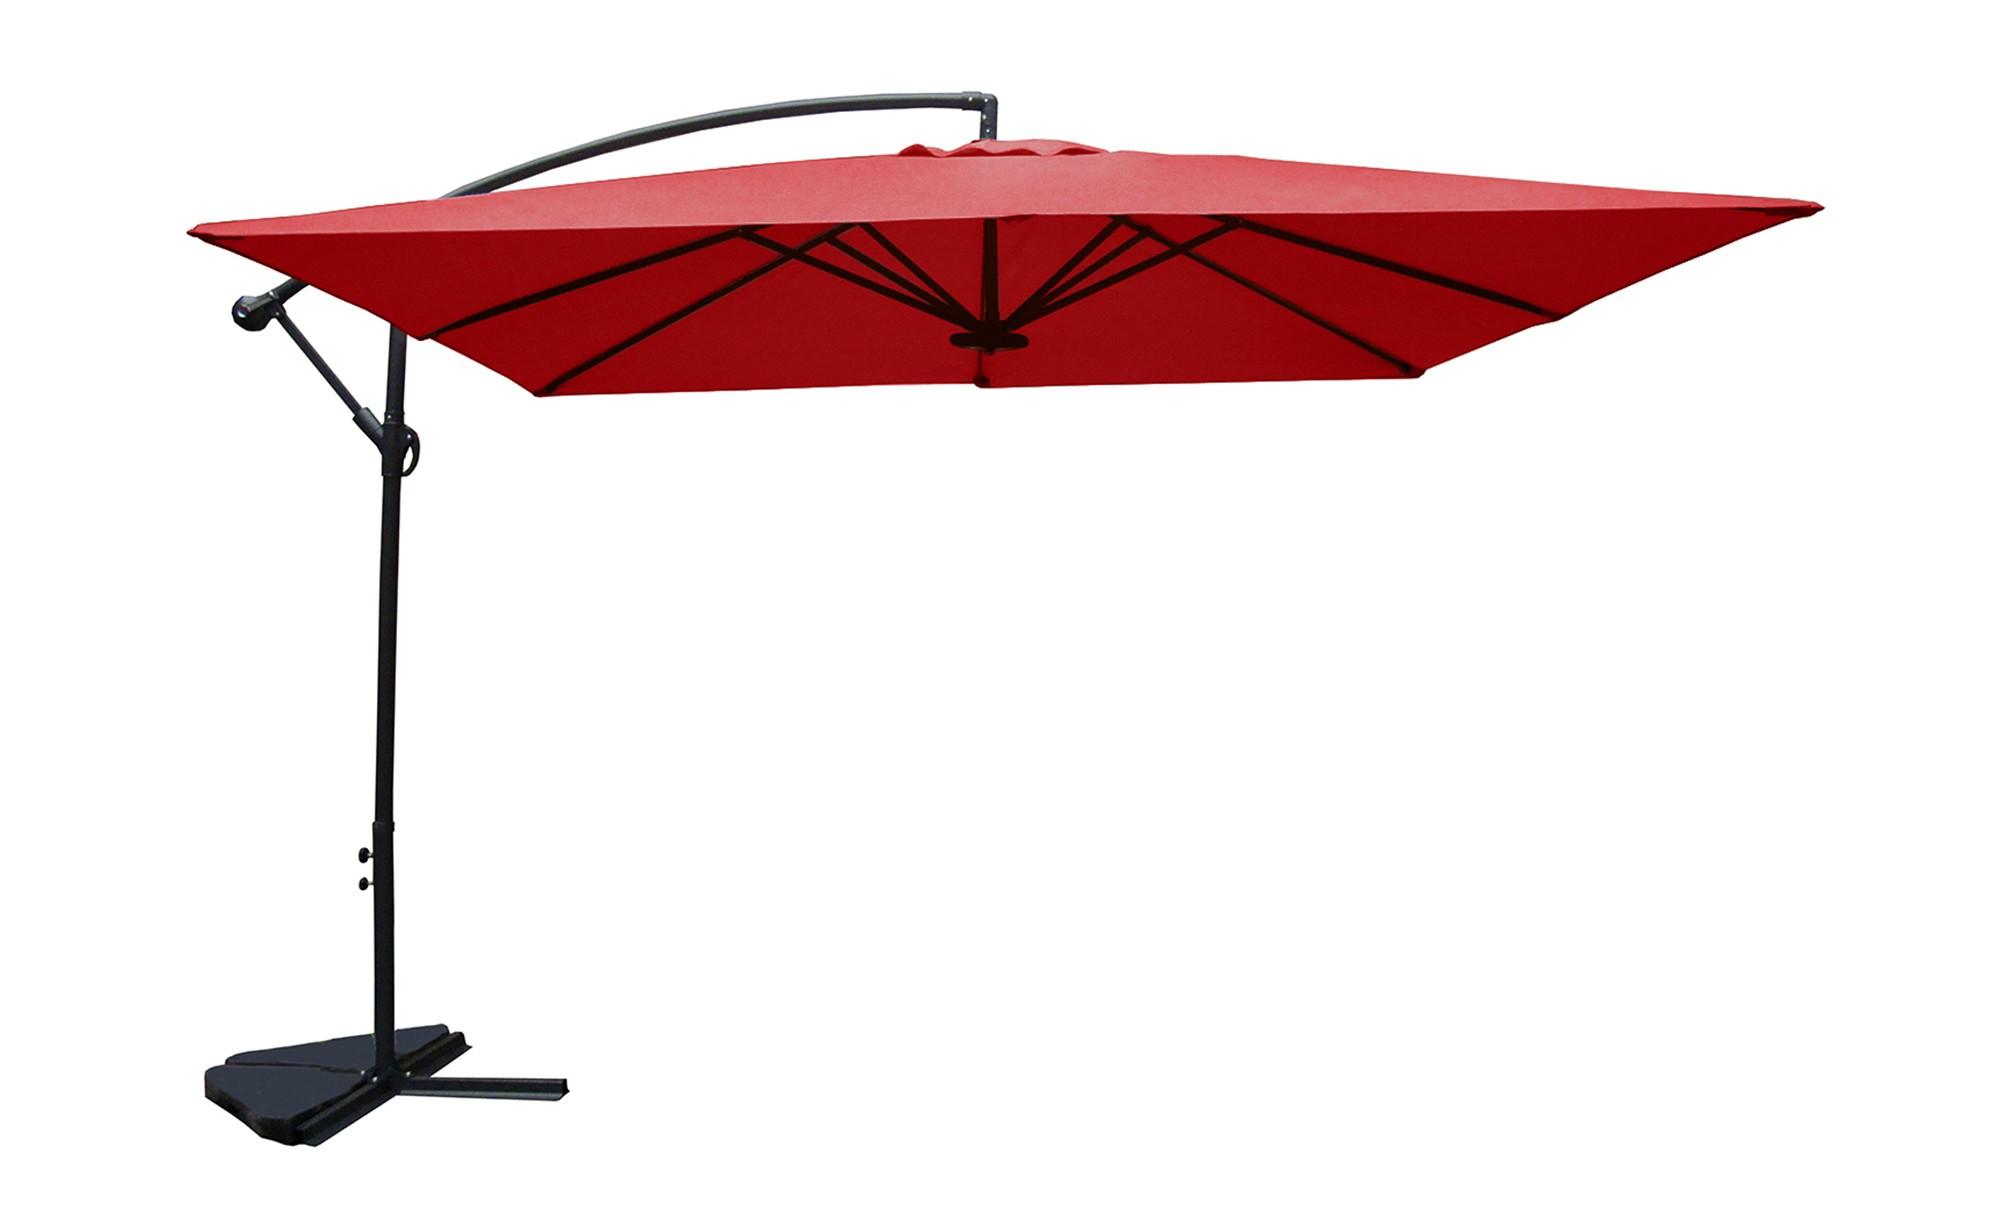 couleur parasol a eviter id es d coration int rieure. Black Bedroom Furniture Sets. Home Design Ideas